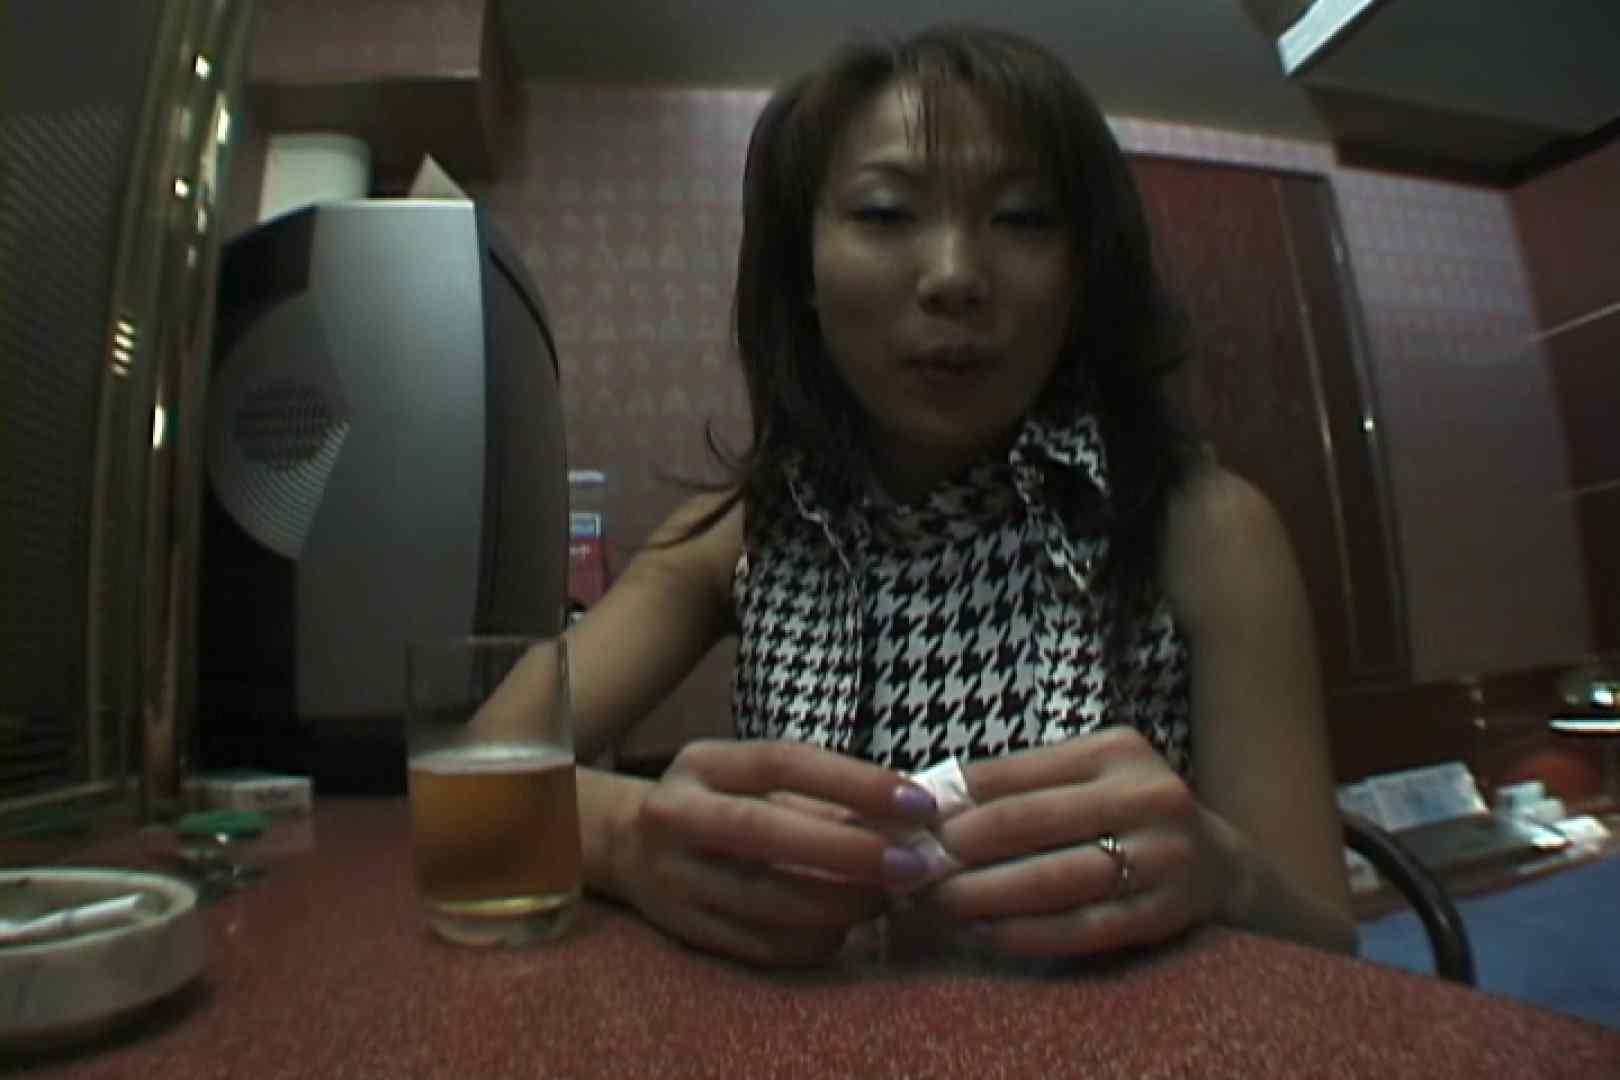 旦那との愛よりも、愛人とのSEX~片瀬梨子~vol,1 ローター セックス画像 58連発 6